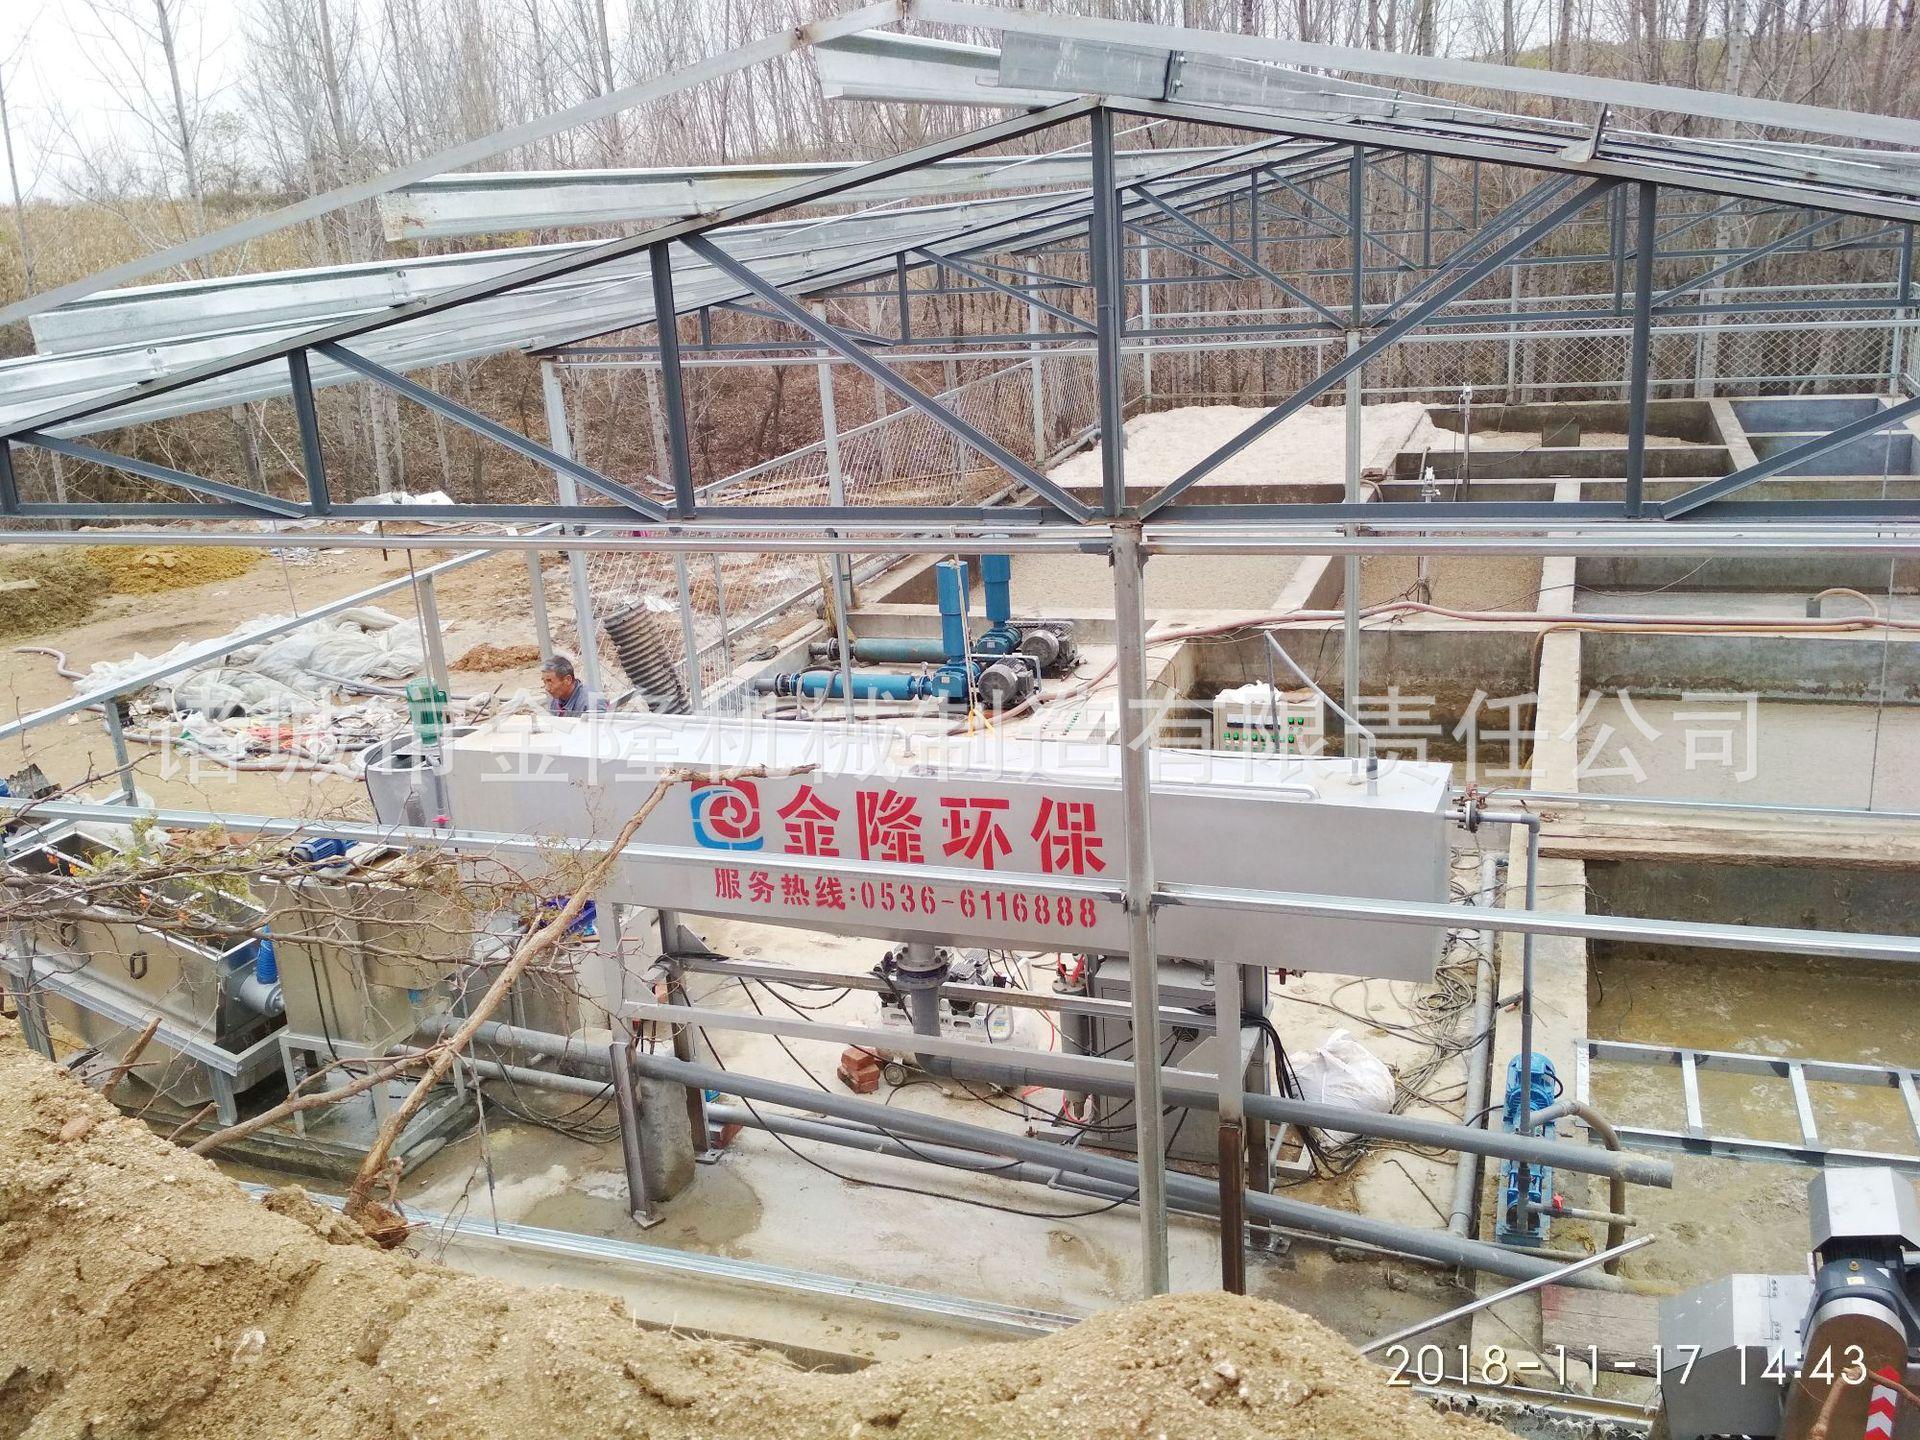 养鸭养鹅污水处理设备 养殖污水处理设备  鸭粪污水处